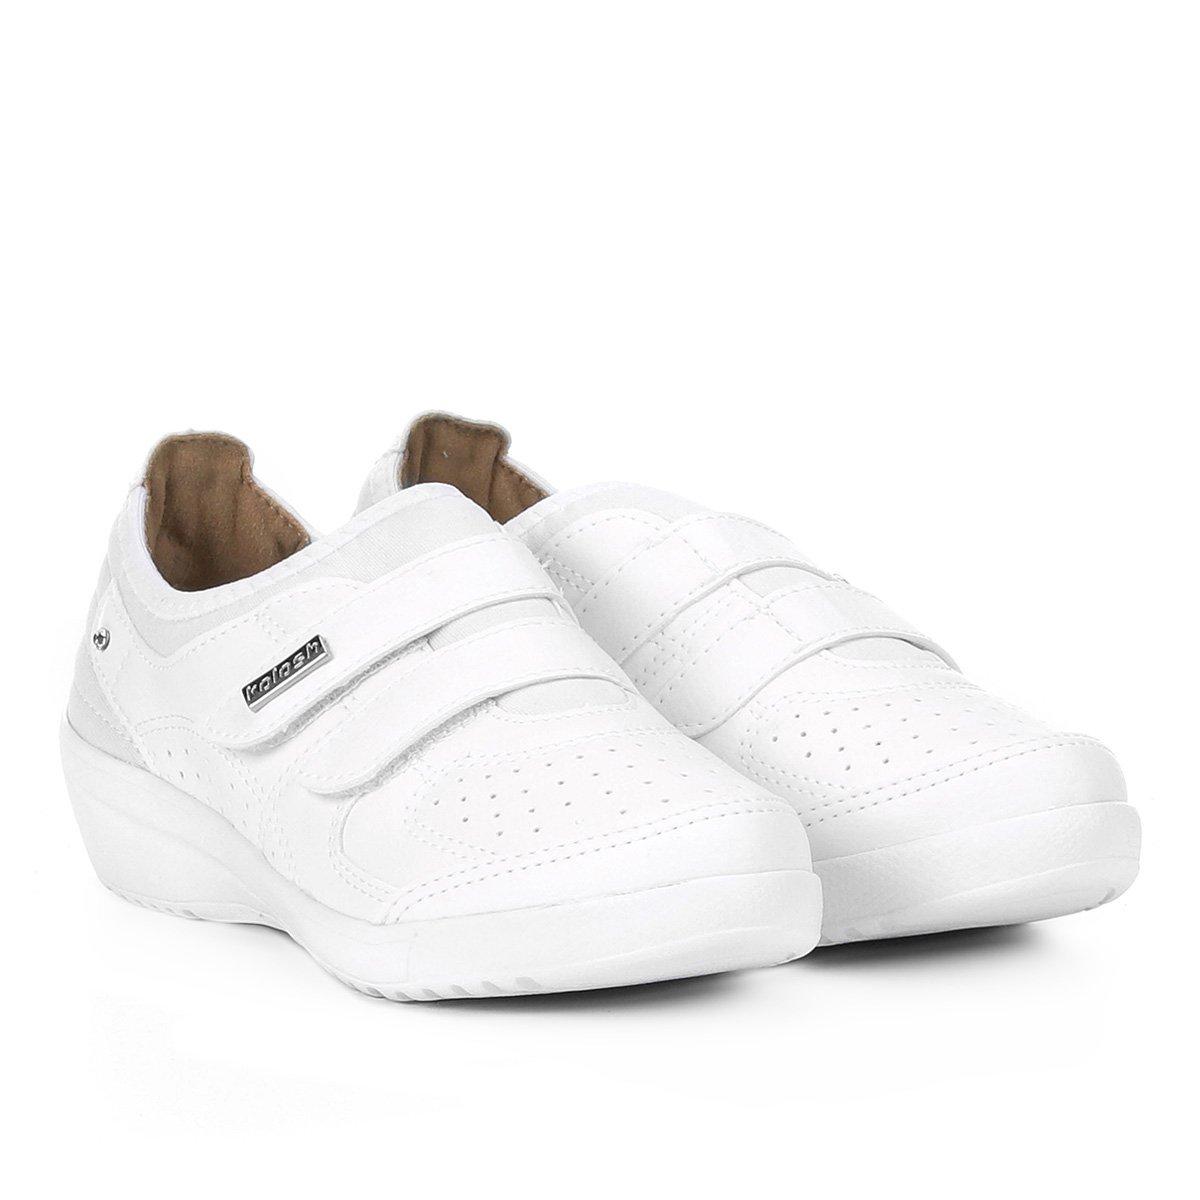 Sapatilha X Nike Air Mais Dinheiro Qs White Brown Portugal